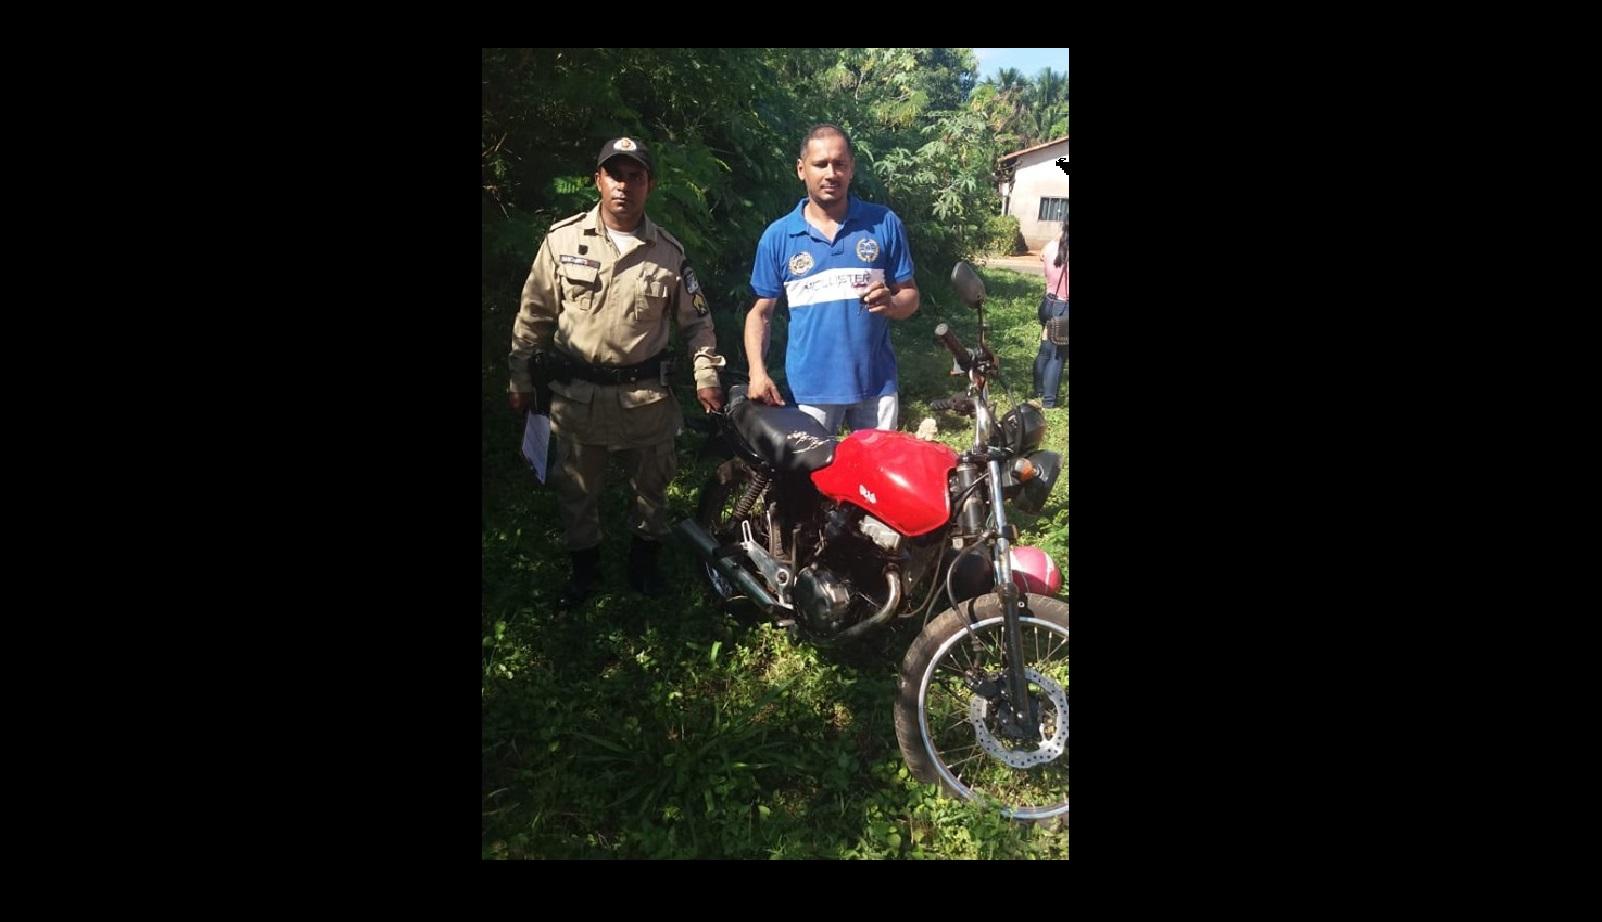 Graças a denúncia no 190, vítima recupera moto antes de registrar ocorrência em Guaraí